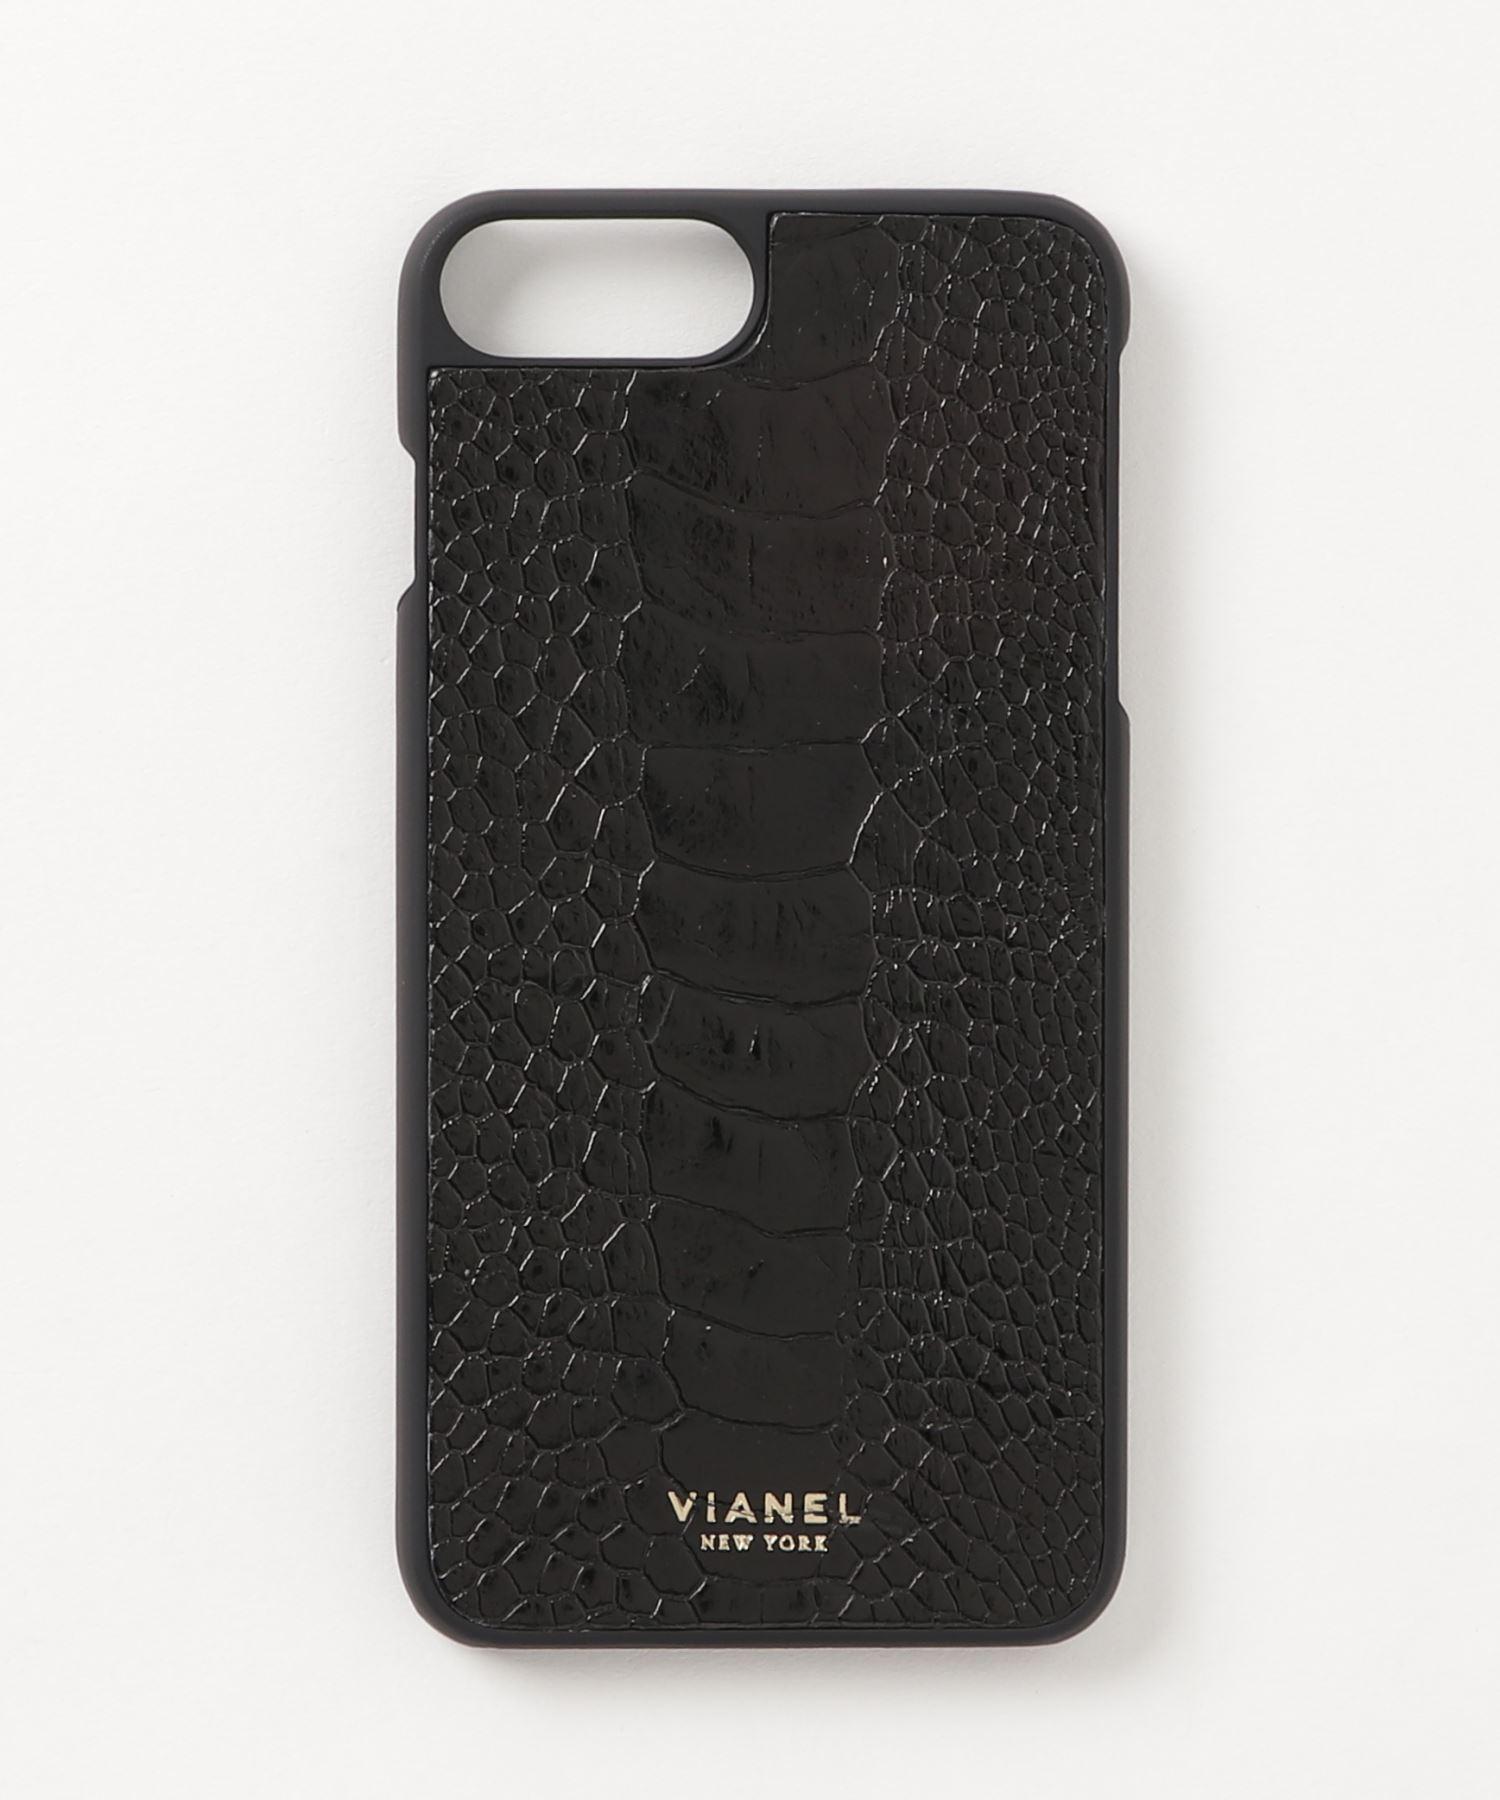 VIANEL NEW YORK iPhone 8Plus/7Plus Case